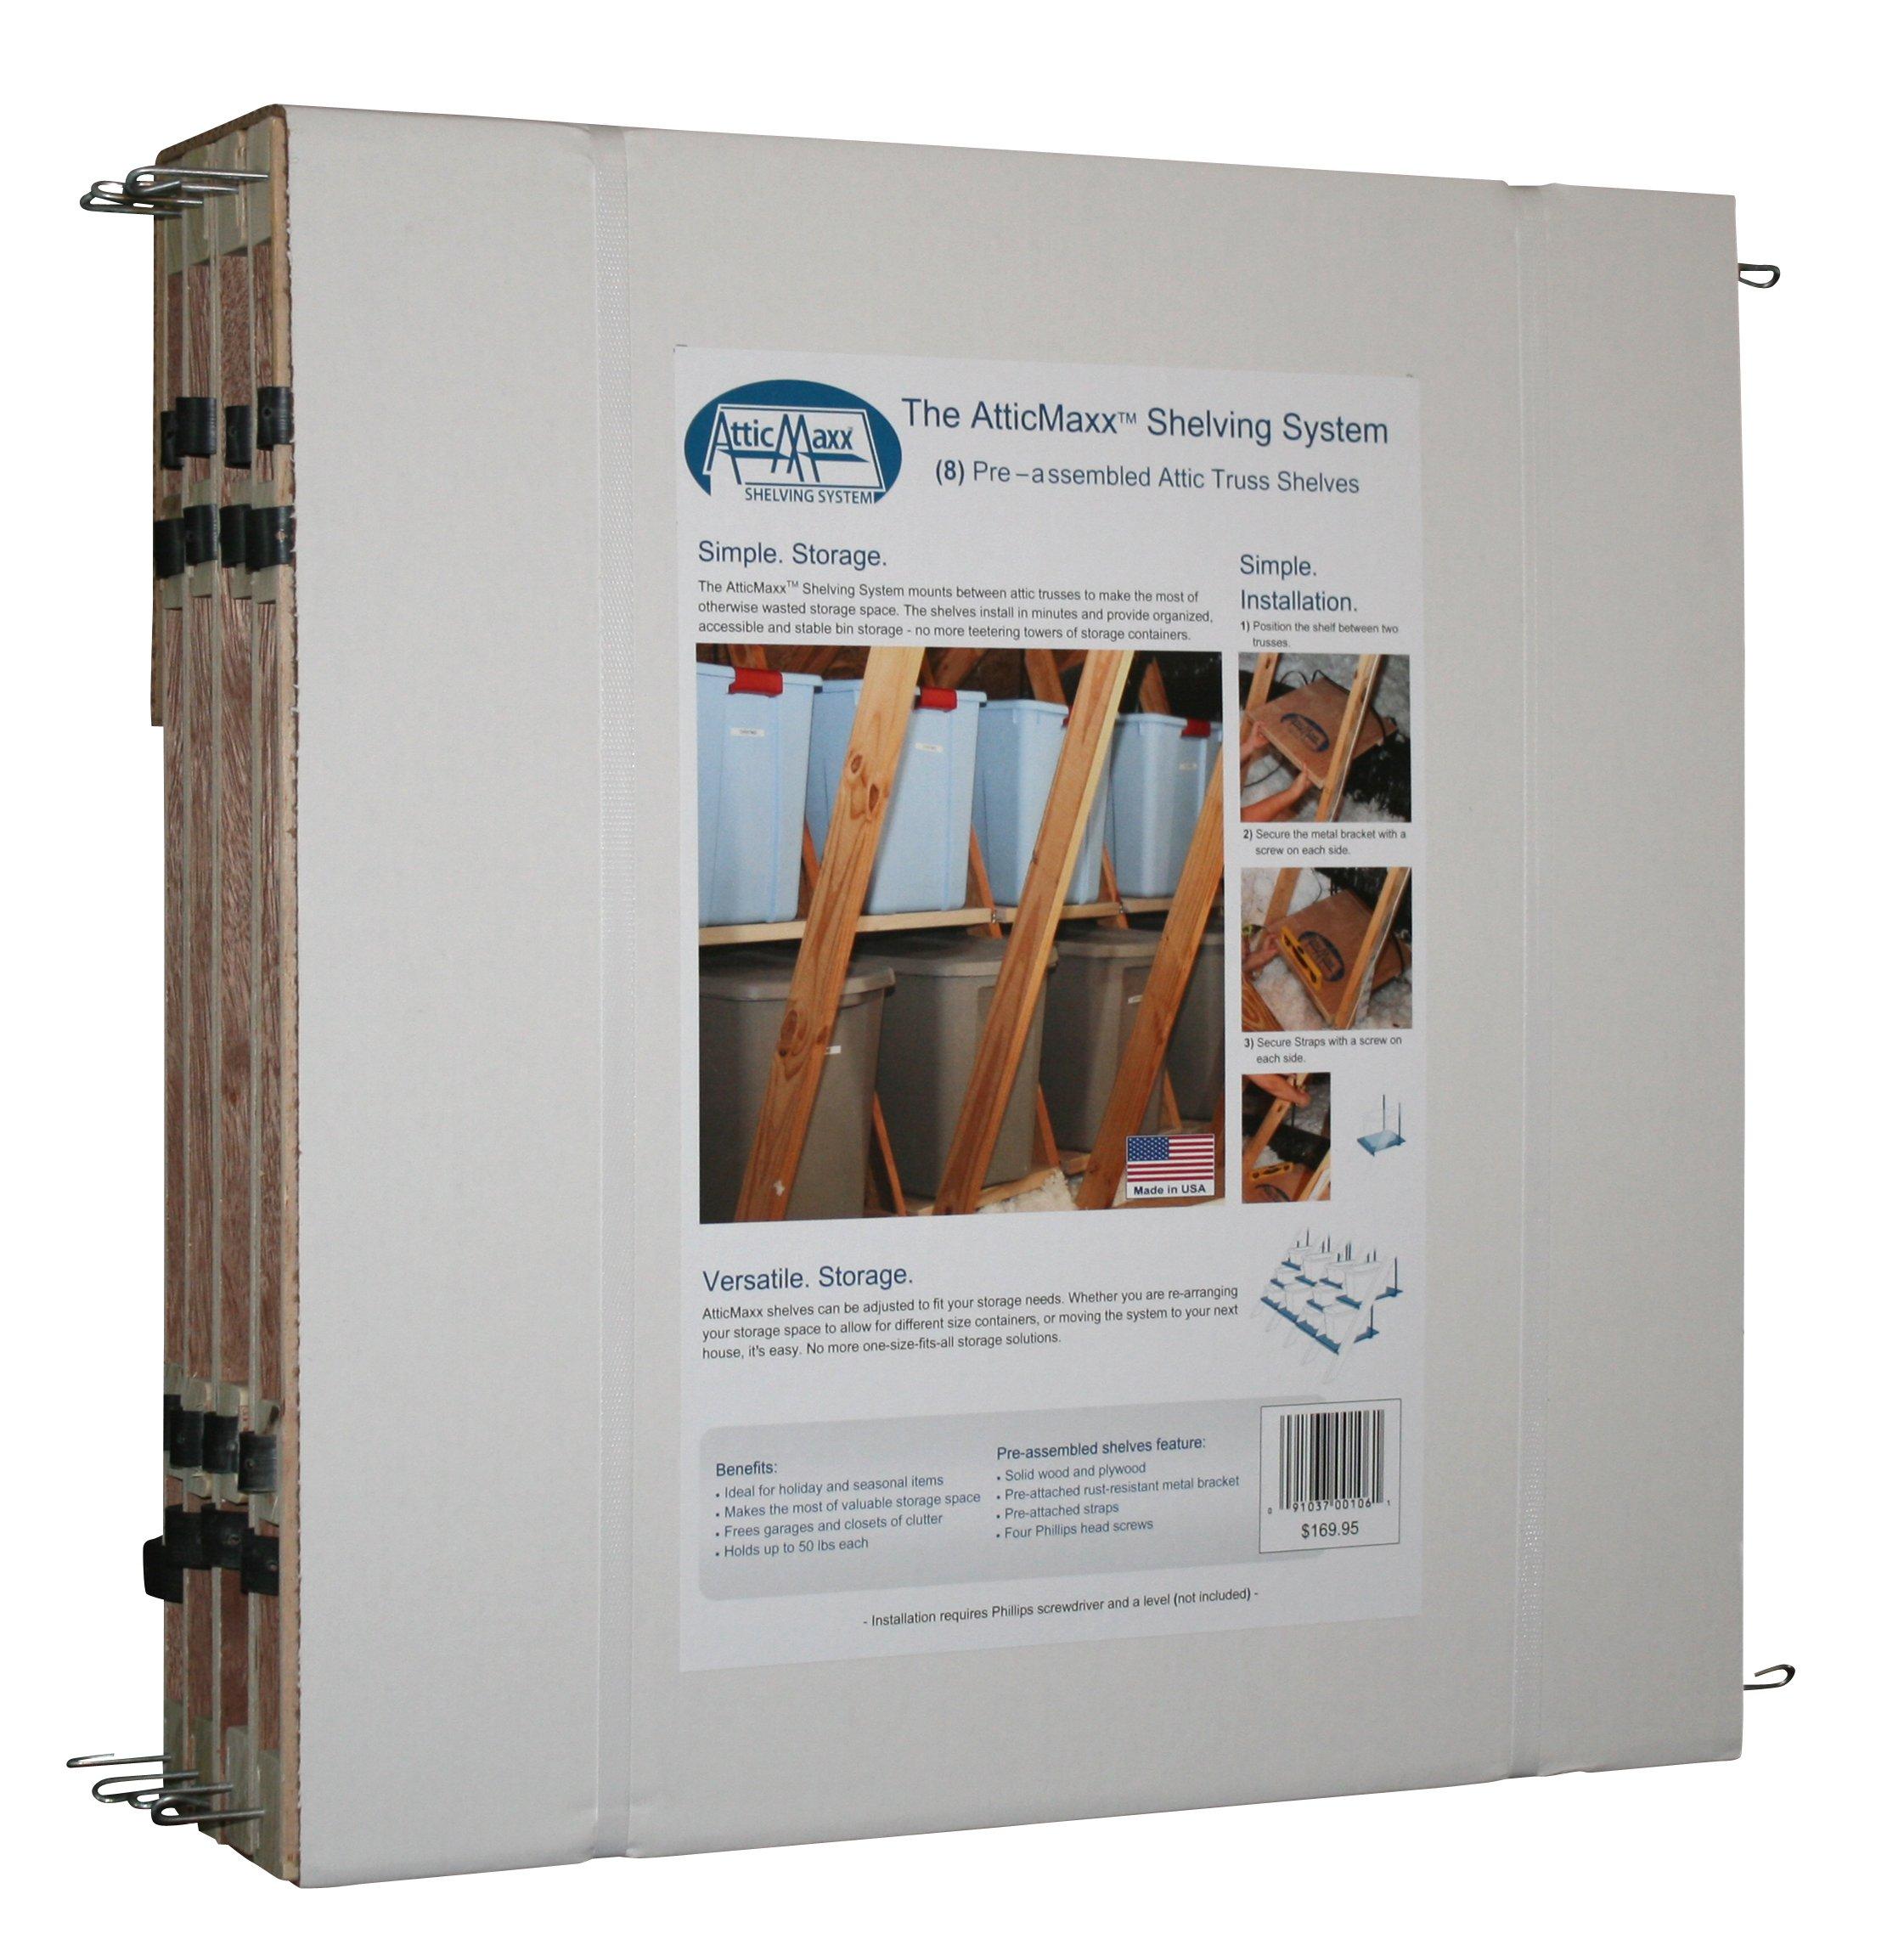 AtticMaxx Shelving System - Set of 8 Attic Truss Storage Shelves by AtticMaxx Shelving System